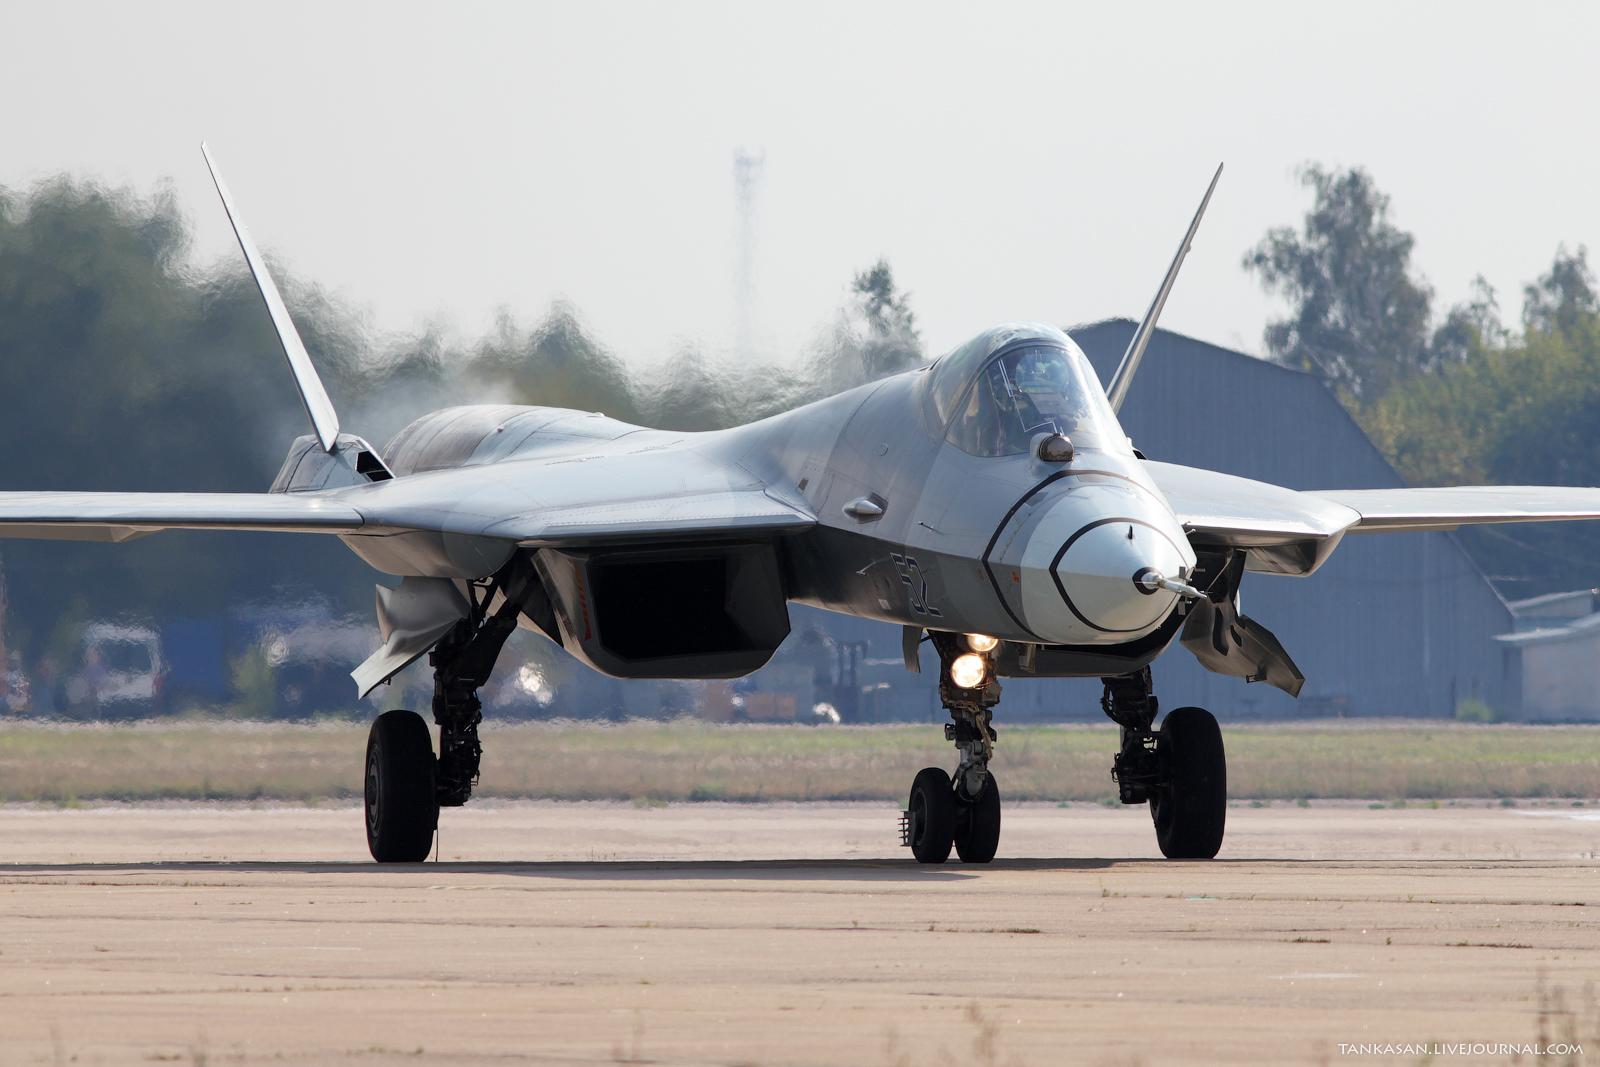 Fuerzas Armadas de la Federación Rusa 0_7db74_b47738e1_orig